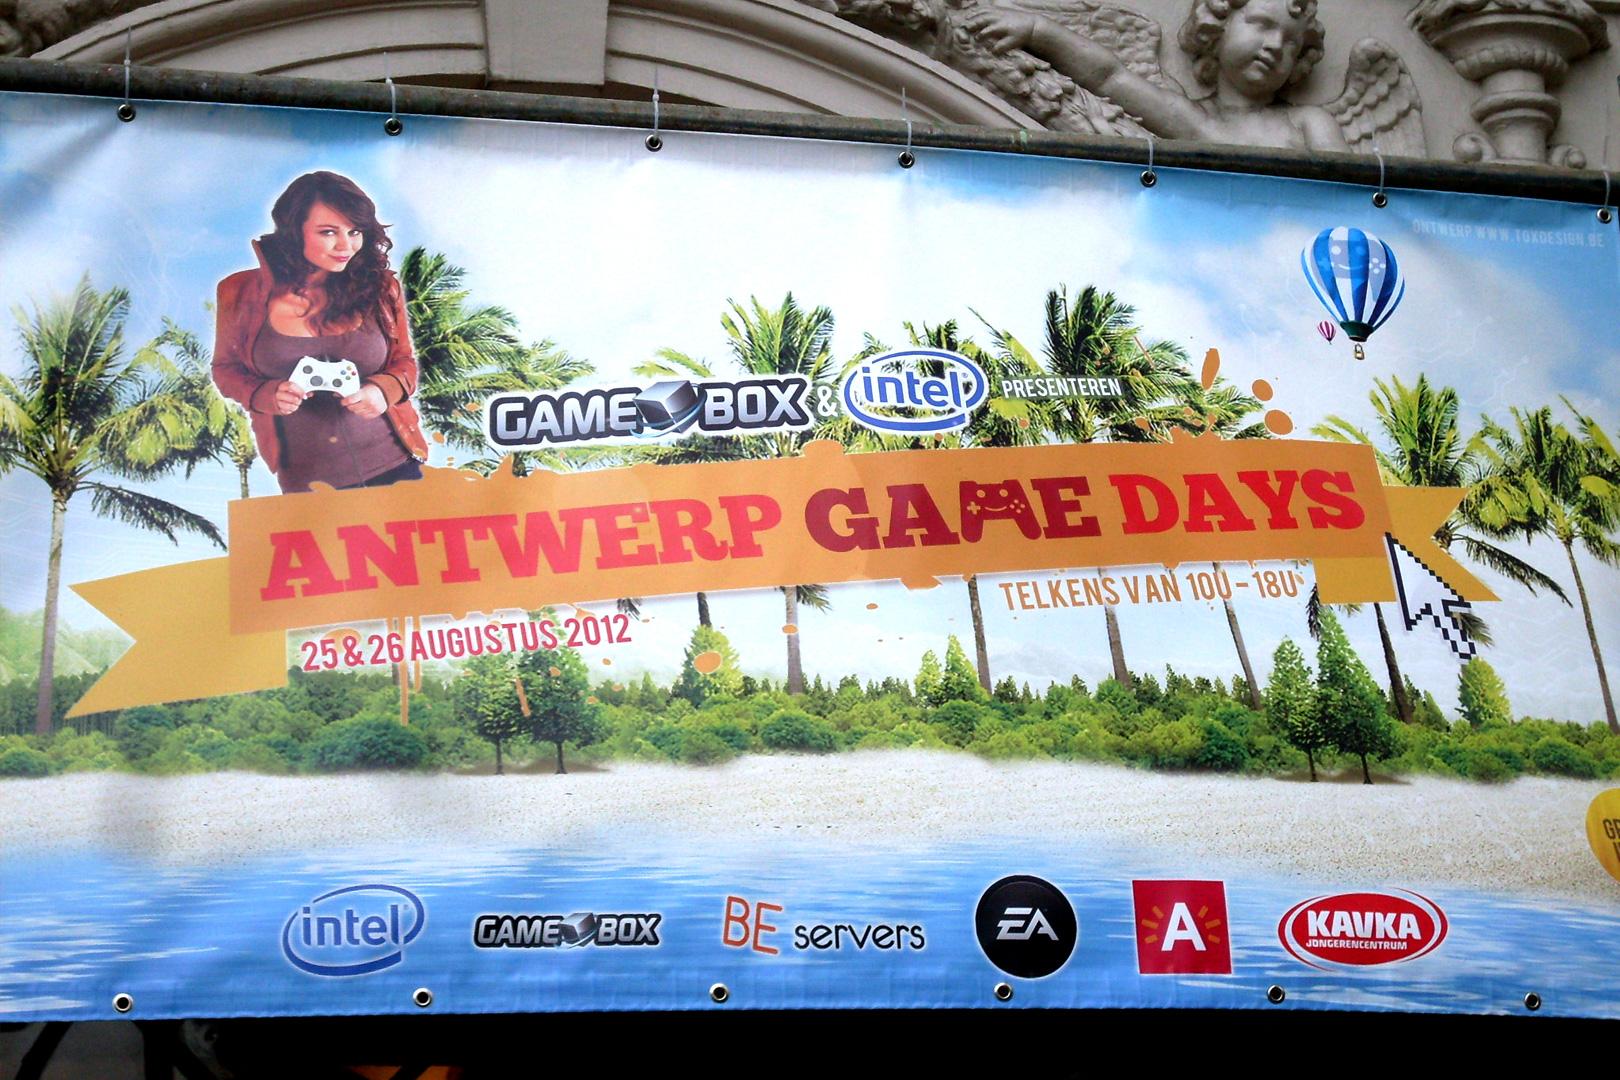 antwerpgamedays2012